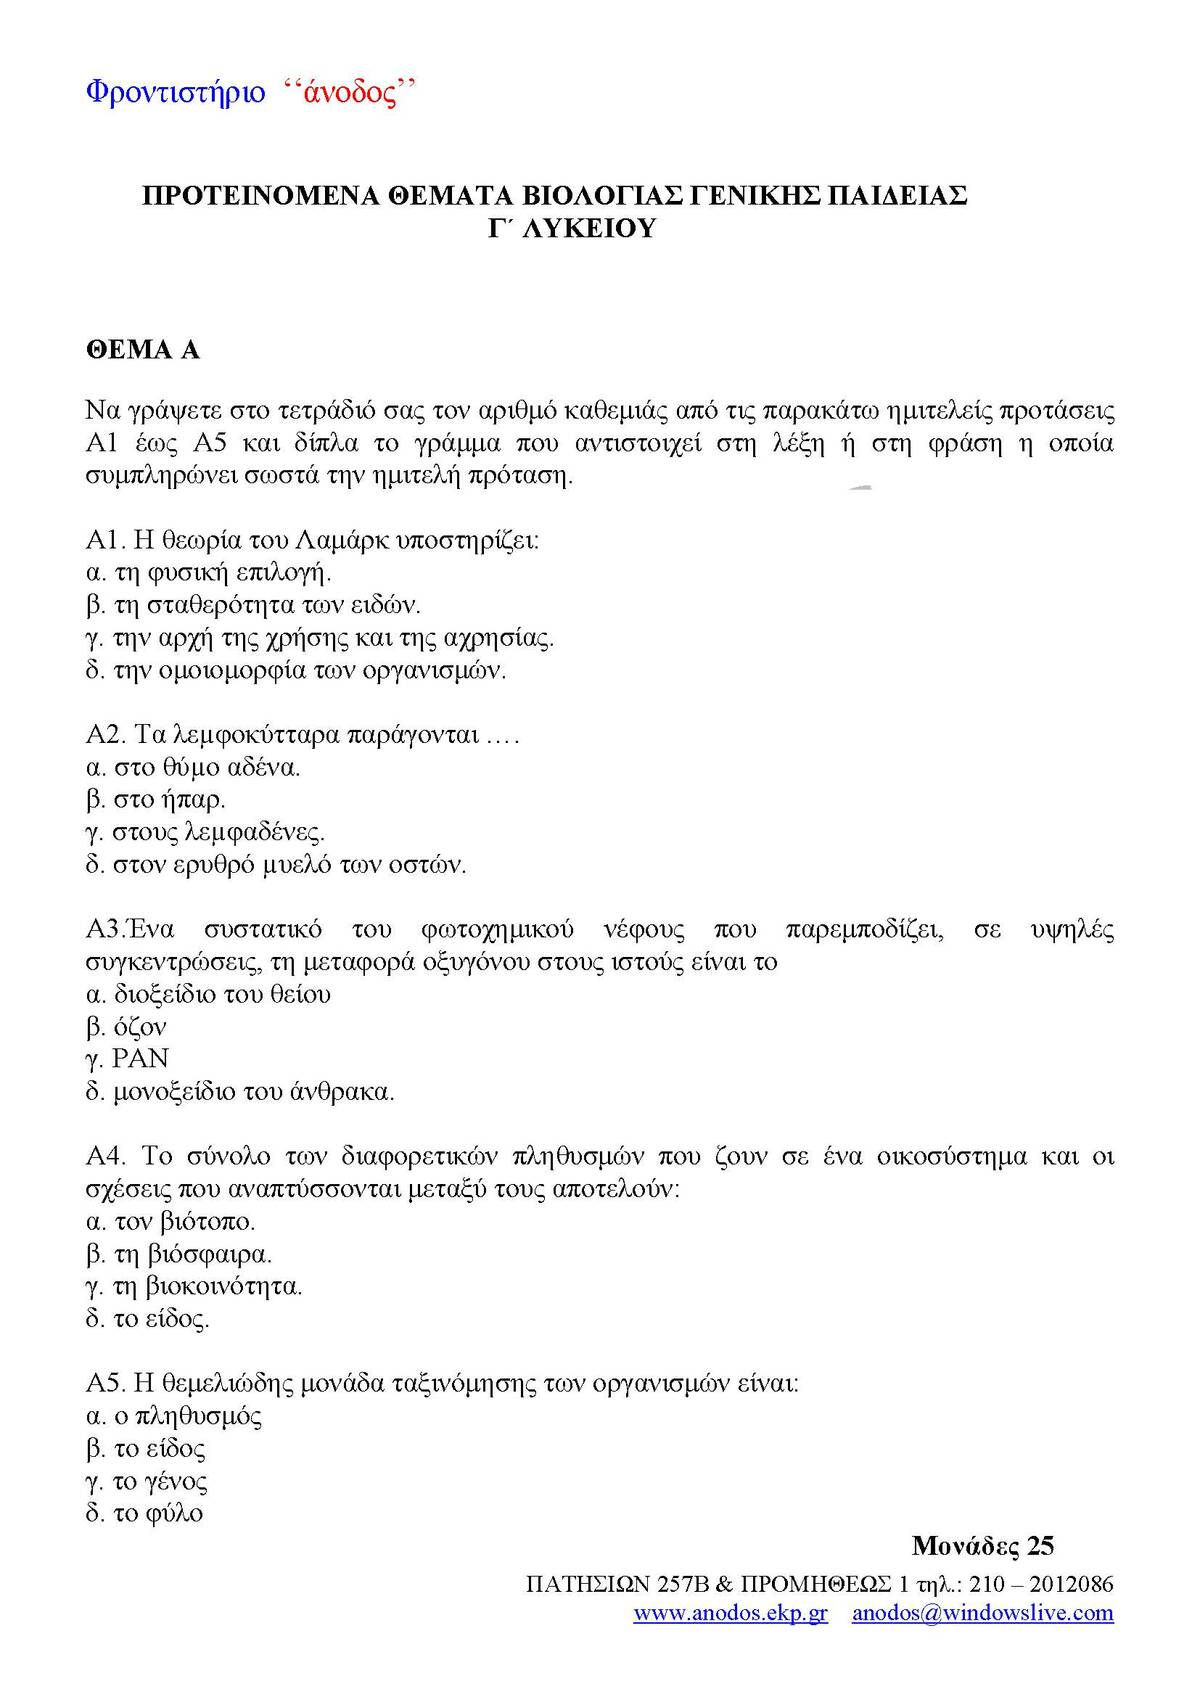 proteinomena biologias Page 1